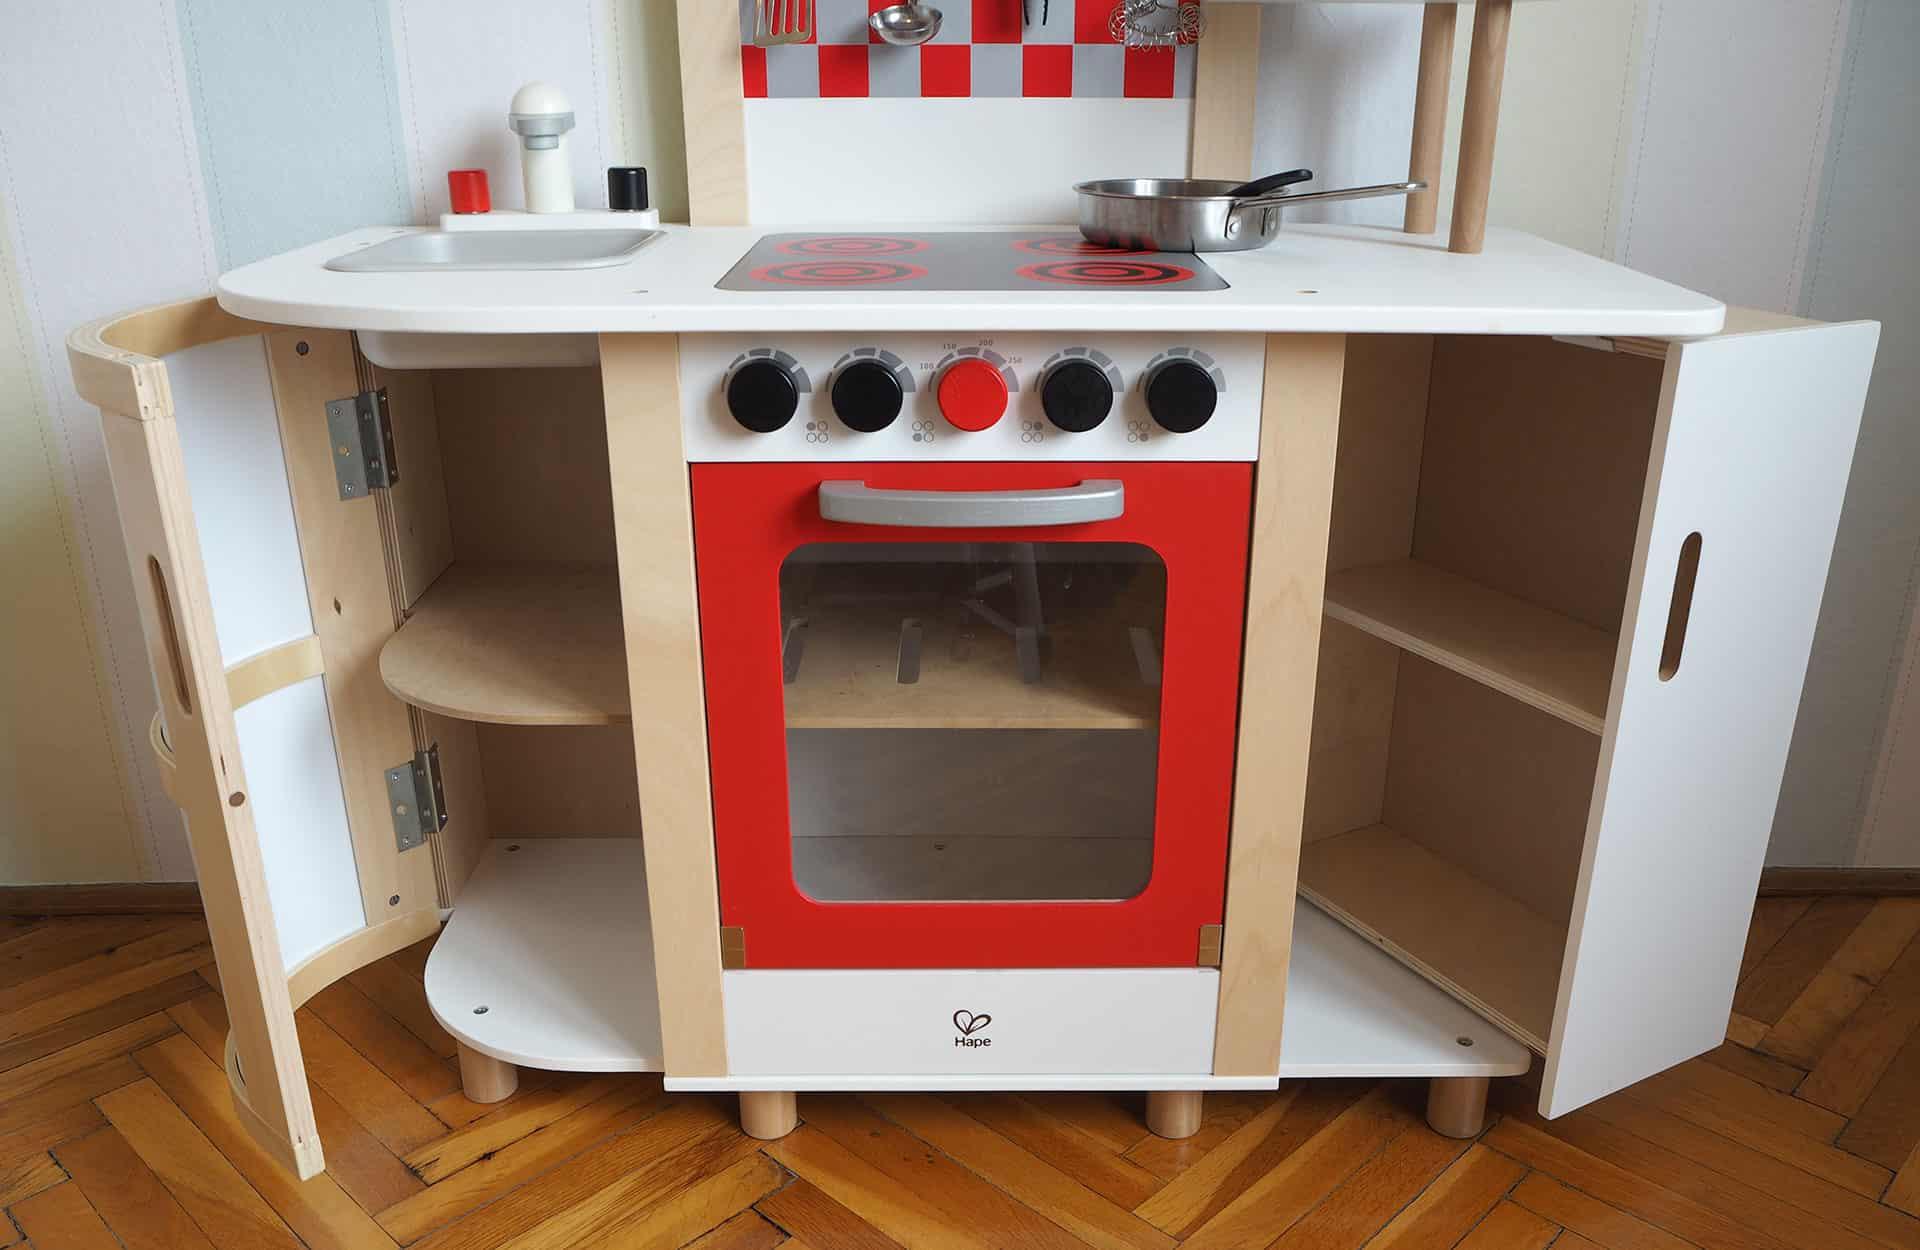 Ein Regal, Backofen und der Kühlschrank der Holzspielküche